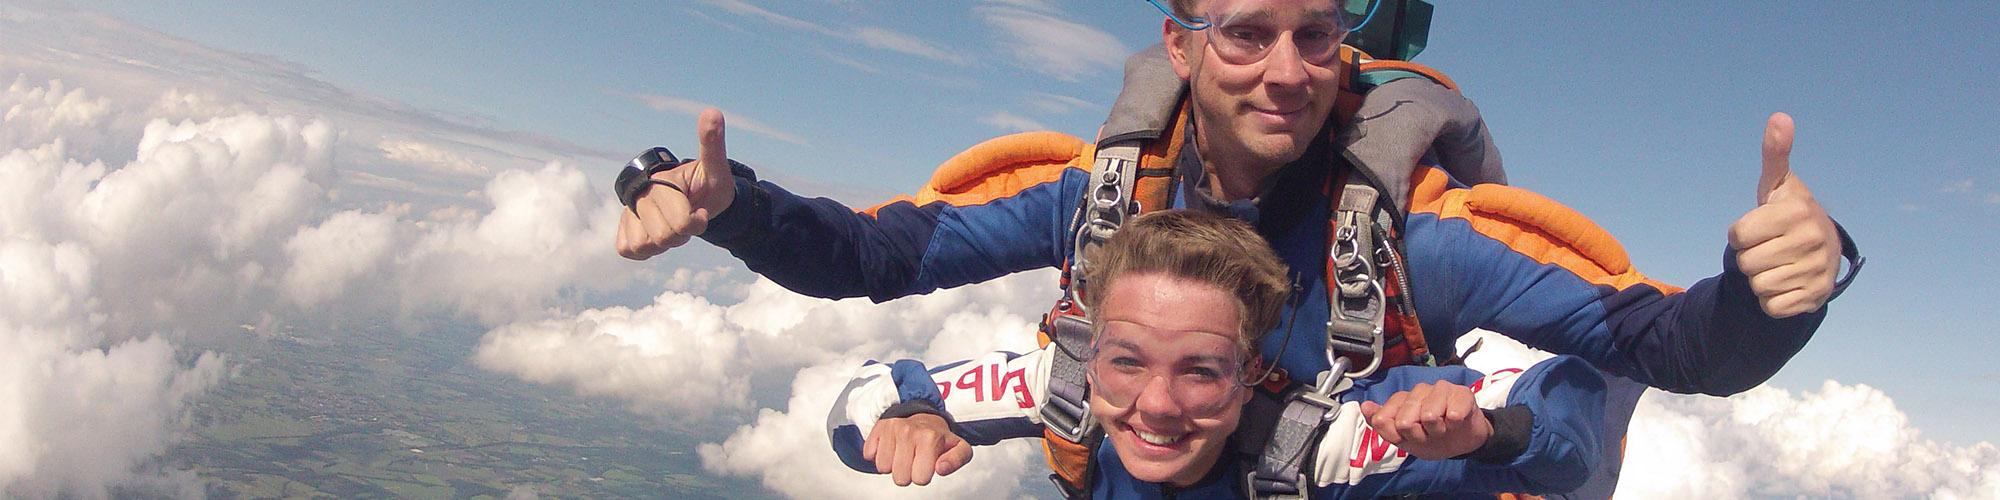 Jeugd Ambassadeur Jara, lachend in beeld, terwijl ze parachute springt